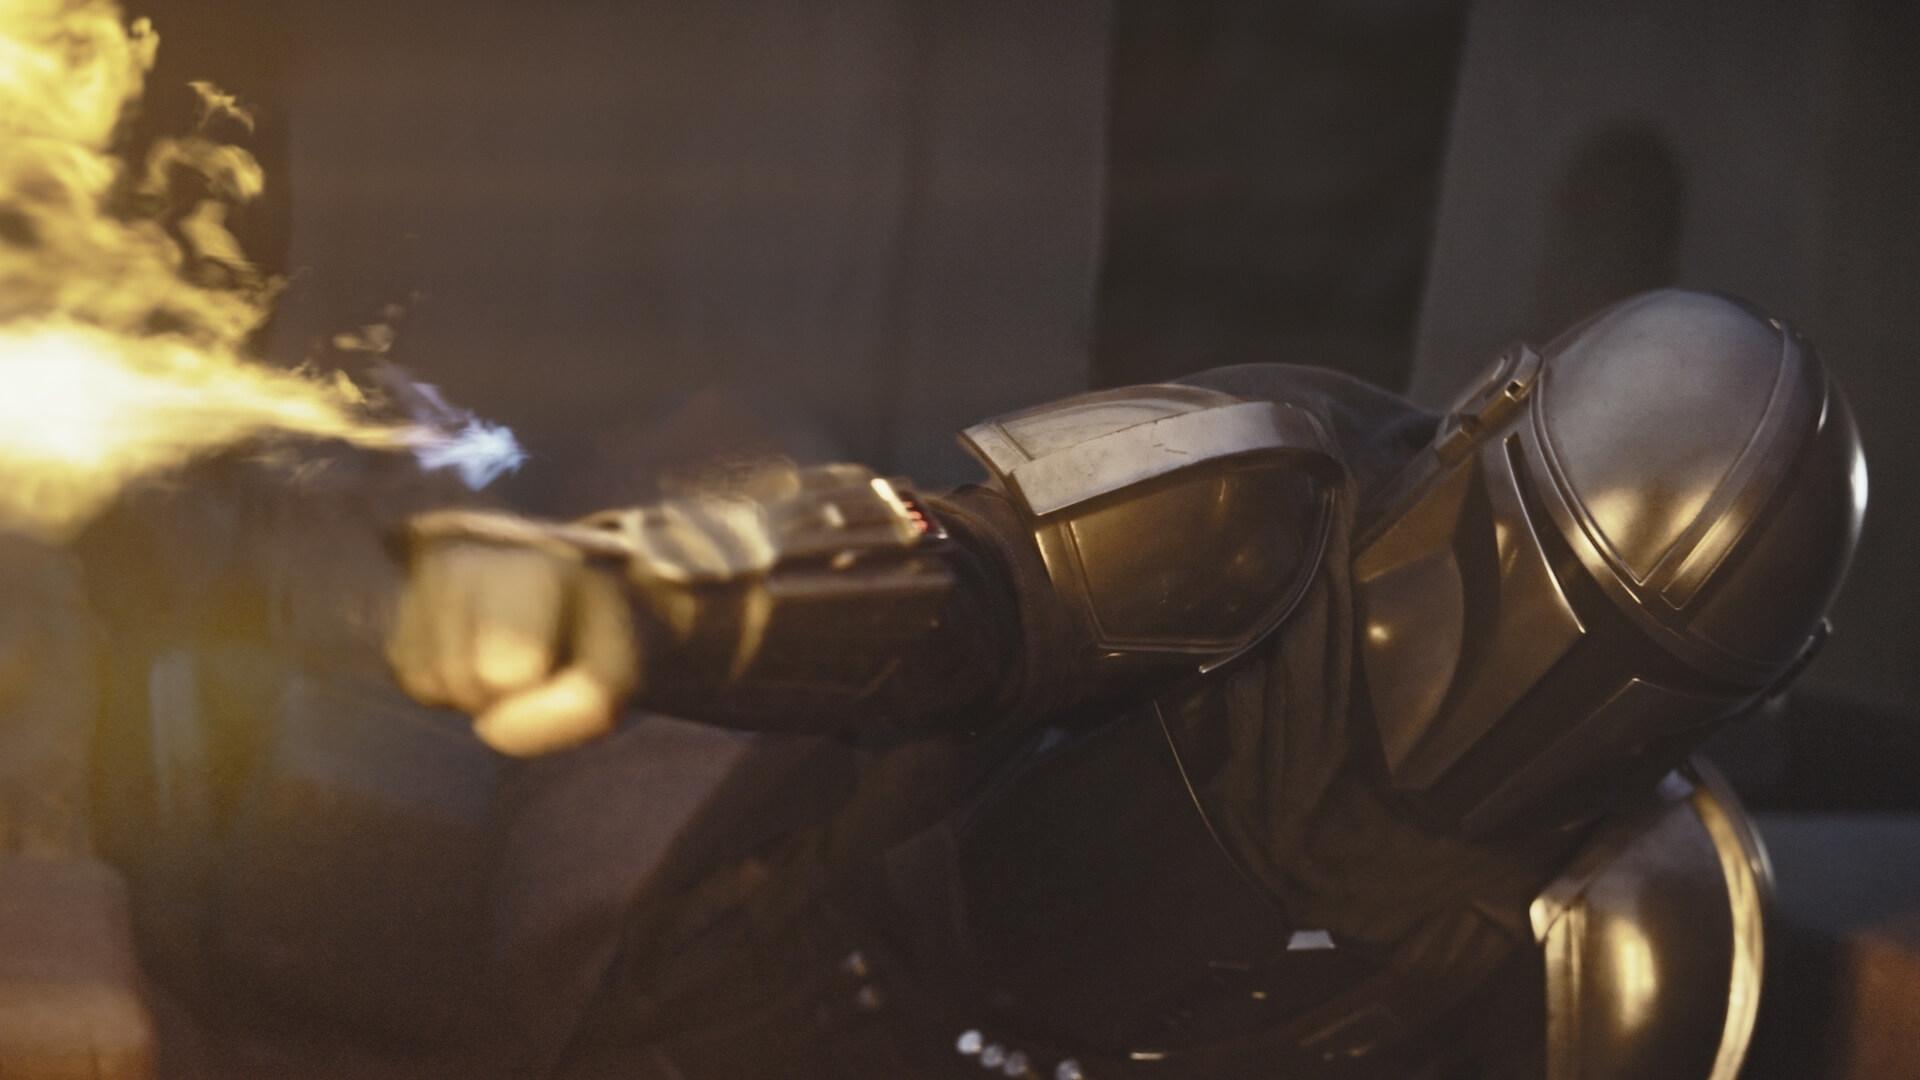 『スター・ウォーズ/スカイウォーカーの夜明け』が早くも4月8日からディズニーデラックスで期間限定レンタル配信開始!本作にリンクするアニメ作品なども配信中 video200310_starwars_3